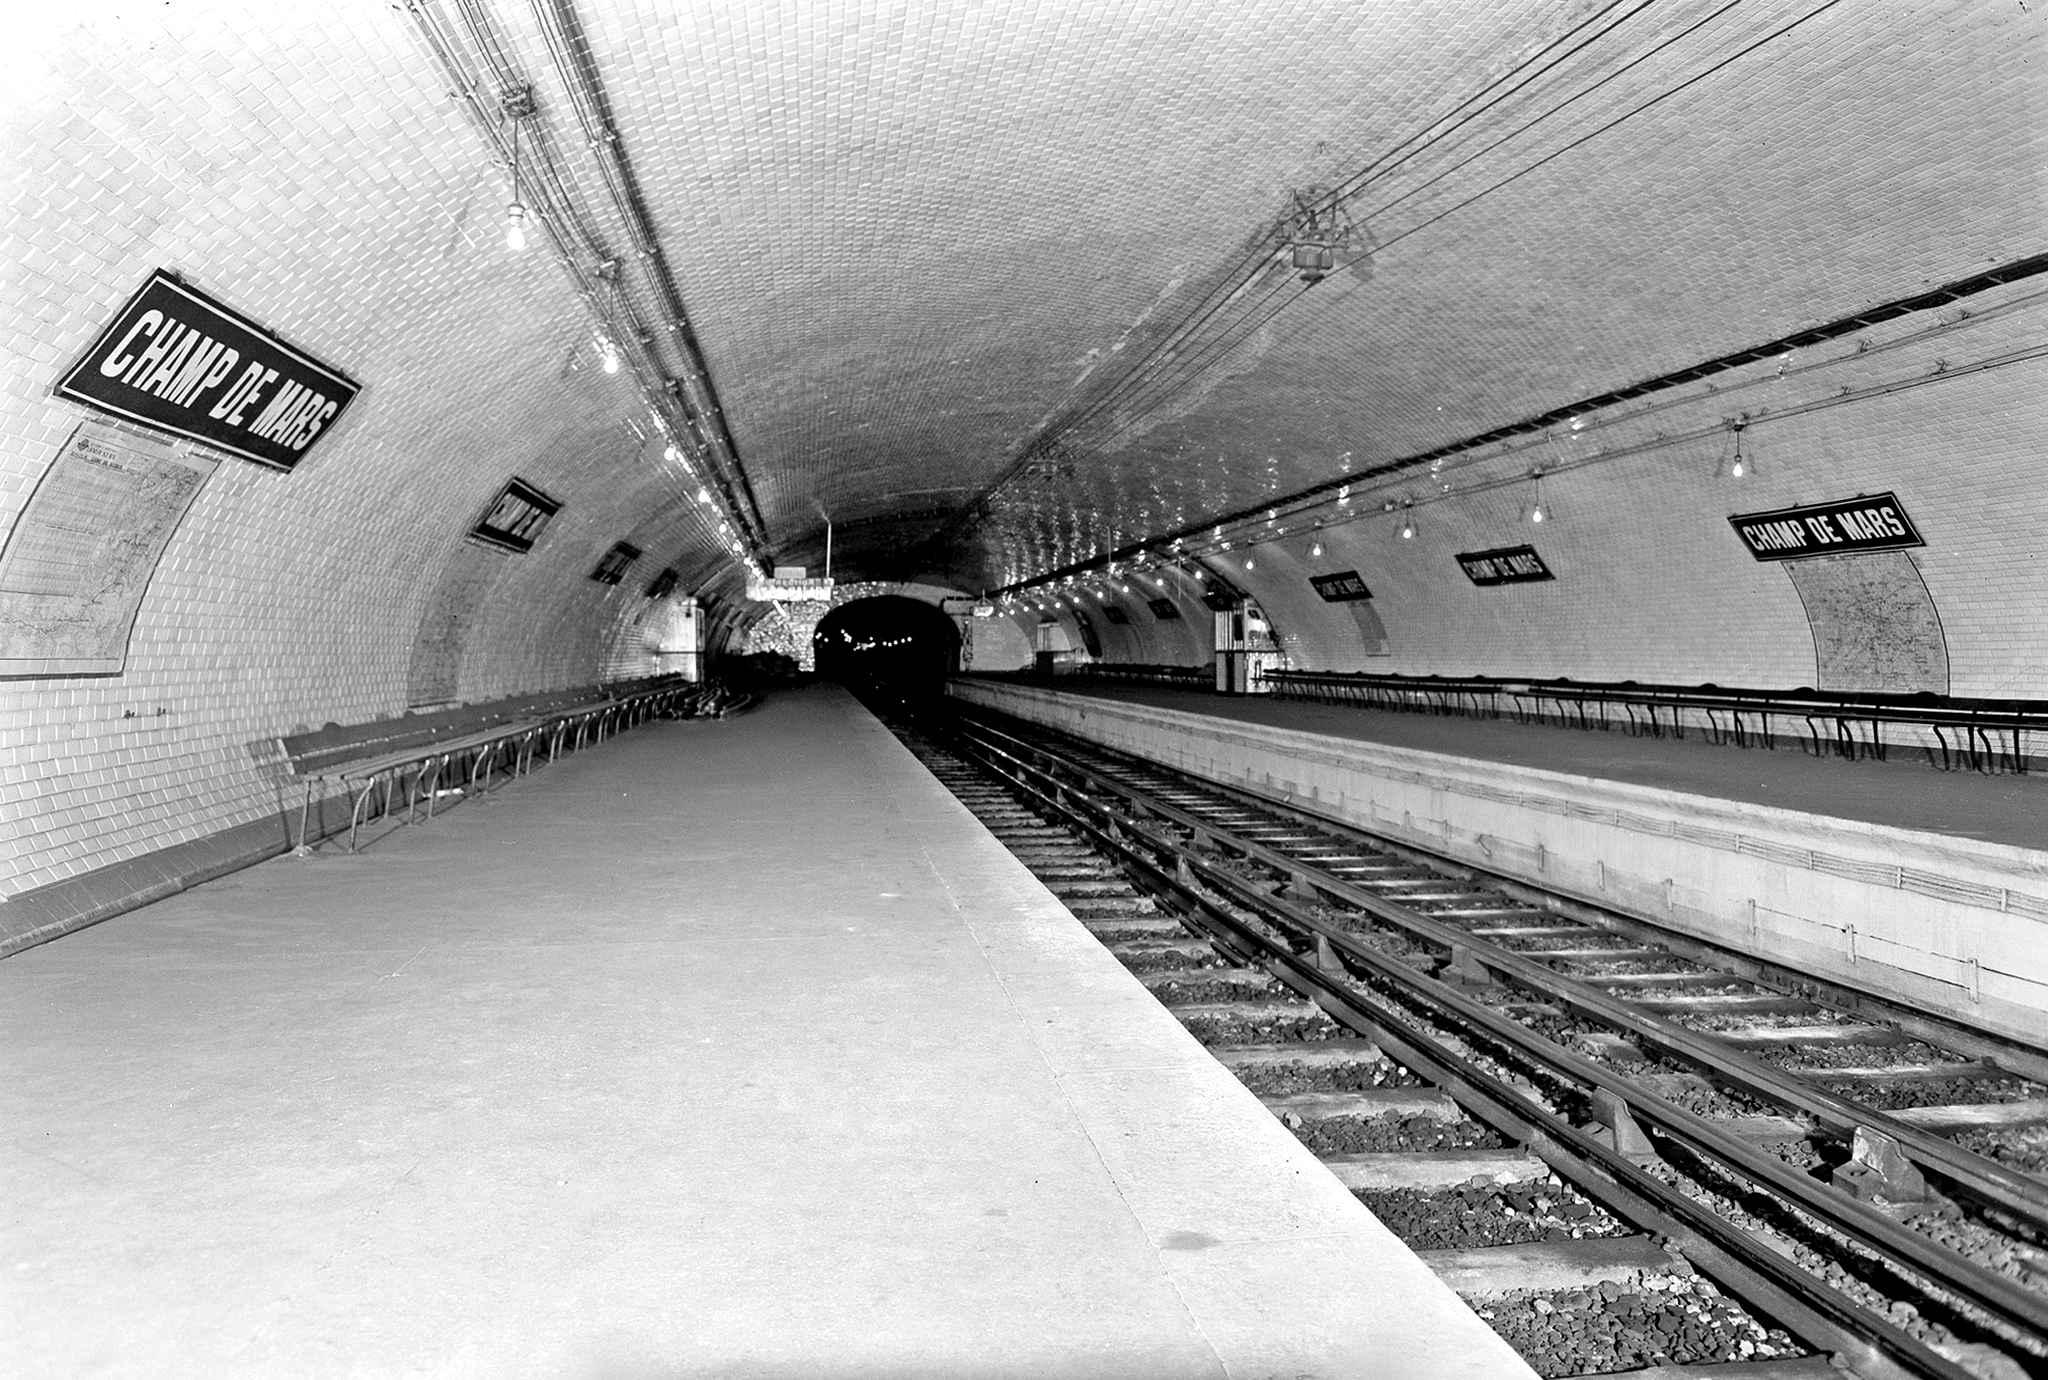 Staţia de metrou Champ de Mars, închisă în 1939 din cauză că genera un trafic foarte slab. Câteva scene din romanul Le Prince blessé (1974), de René Barjavel, se petrec în acest subteran.